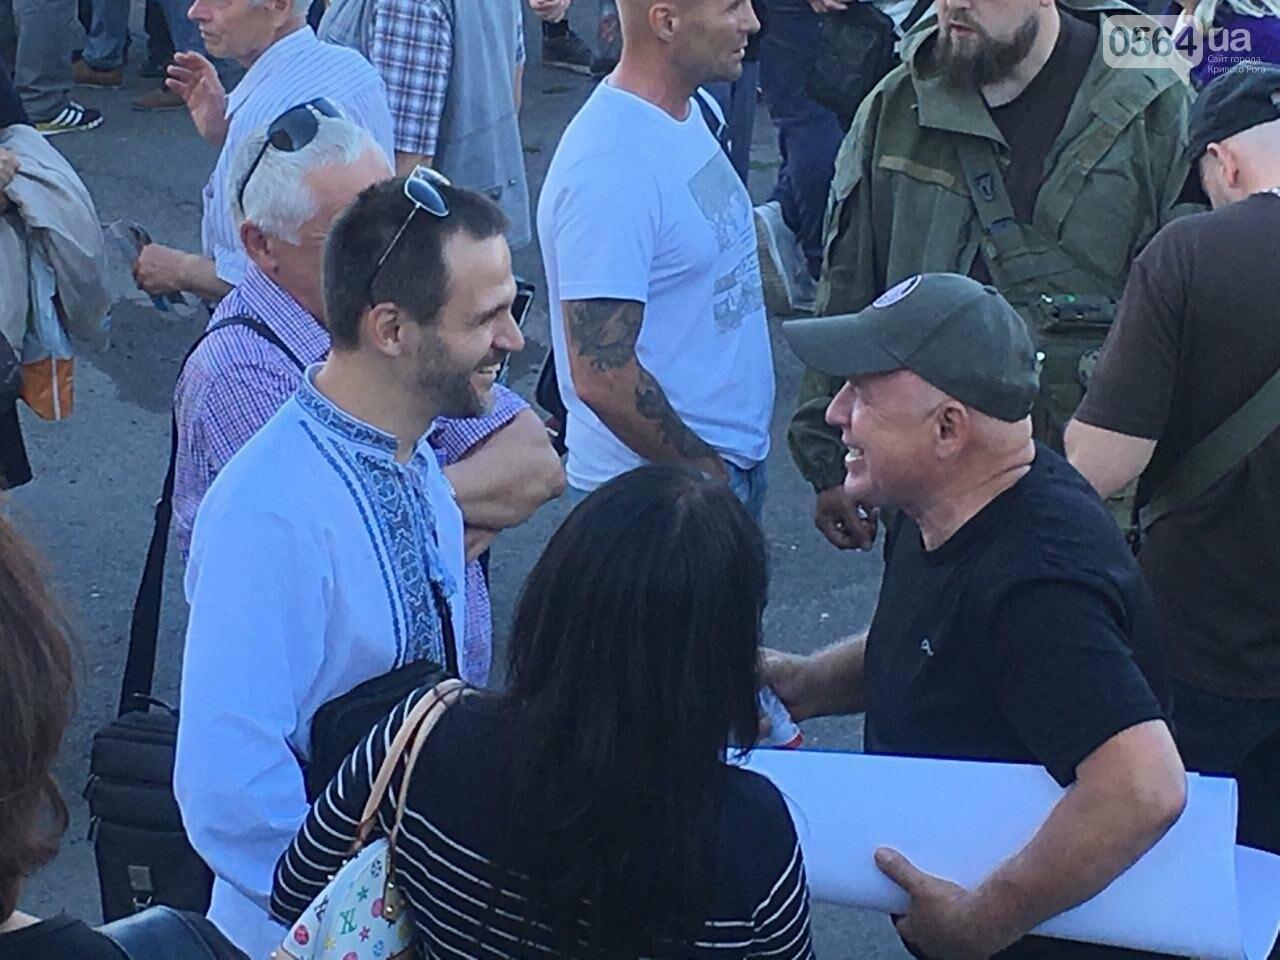 Криворожане собрались на Марш за традиционные семейные ценности, - ФОТО, ПРЯМОЙ ЭФИР, фото-32